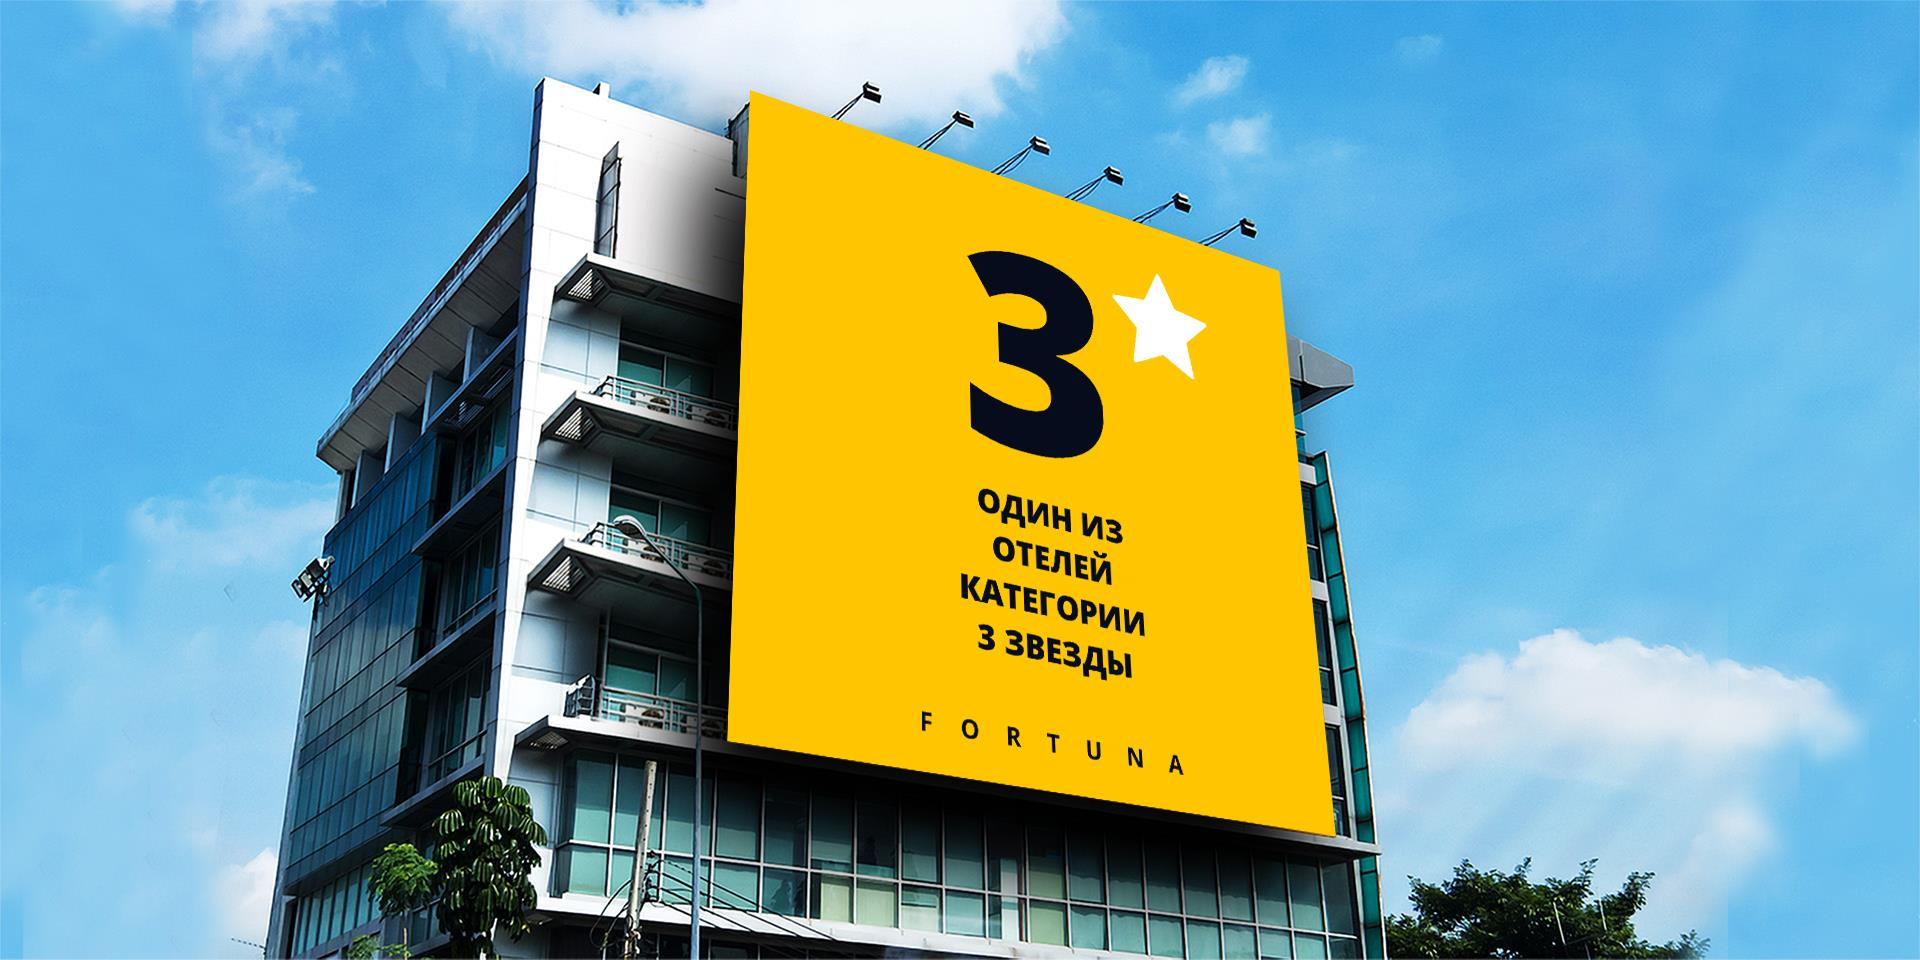 Кипр туры цены 2016 на двоих все включено